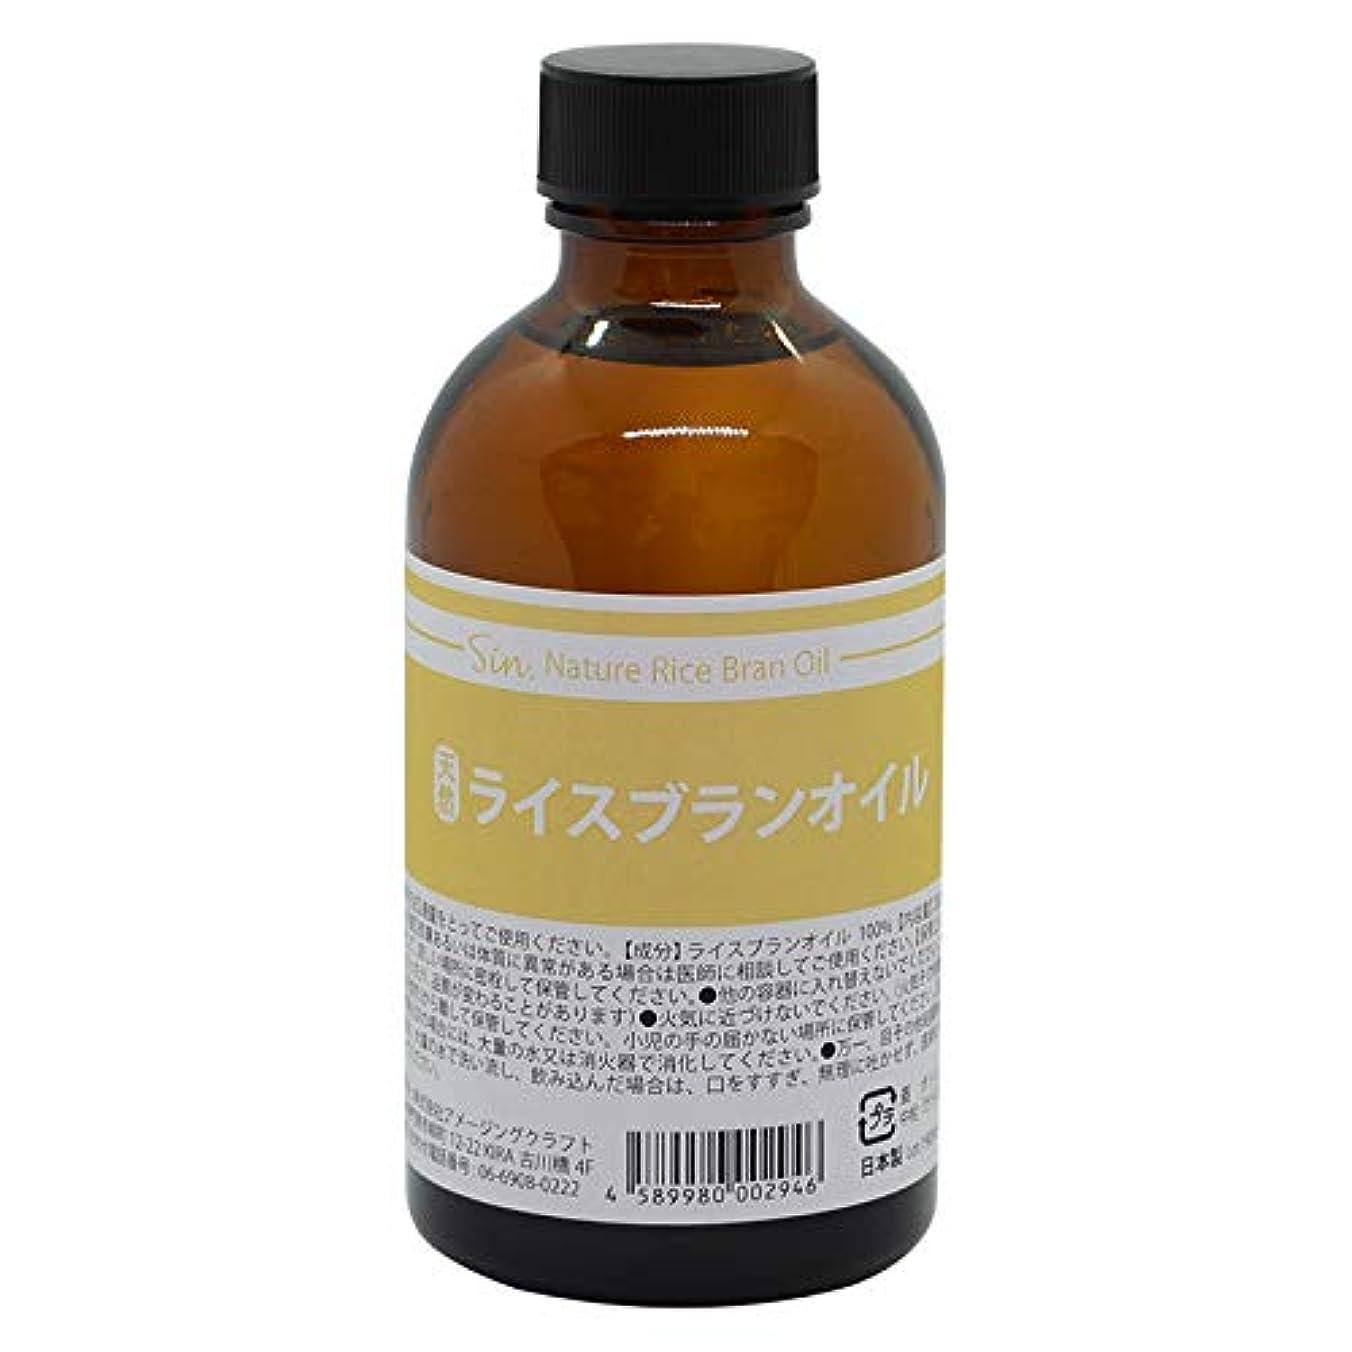 ジュニア語揺れる国内精製 ライスオイル 200ml ライスブランオイル キャリアオイル